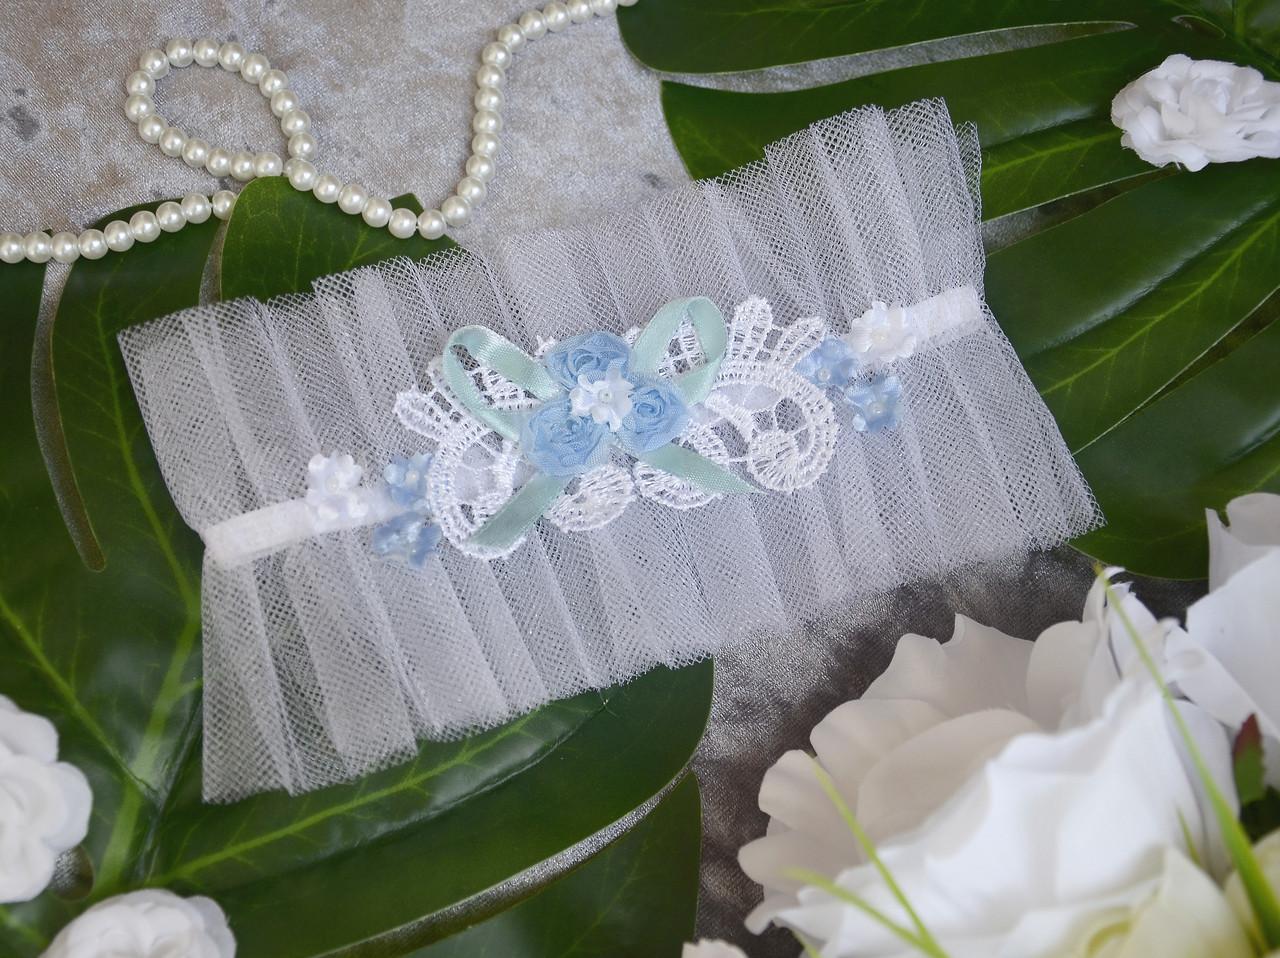 Свадебная белая подвязка на ногу для невесты с голубыми элементами